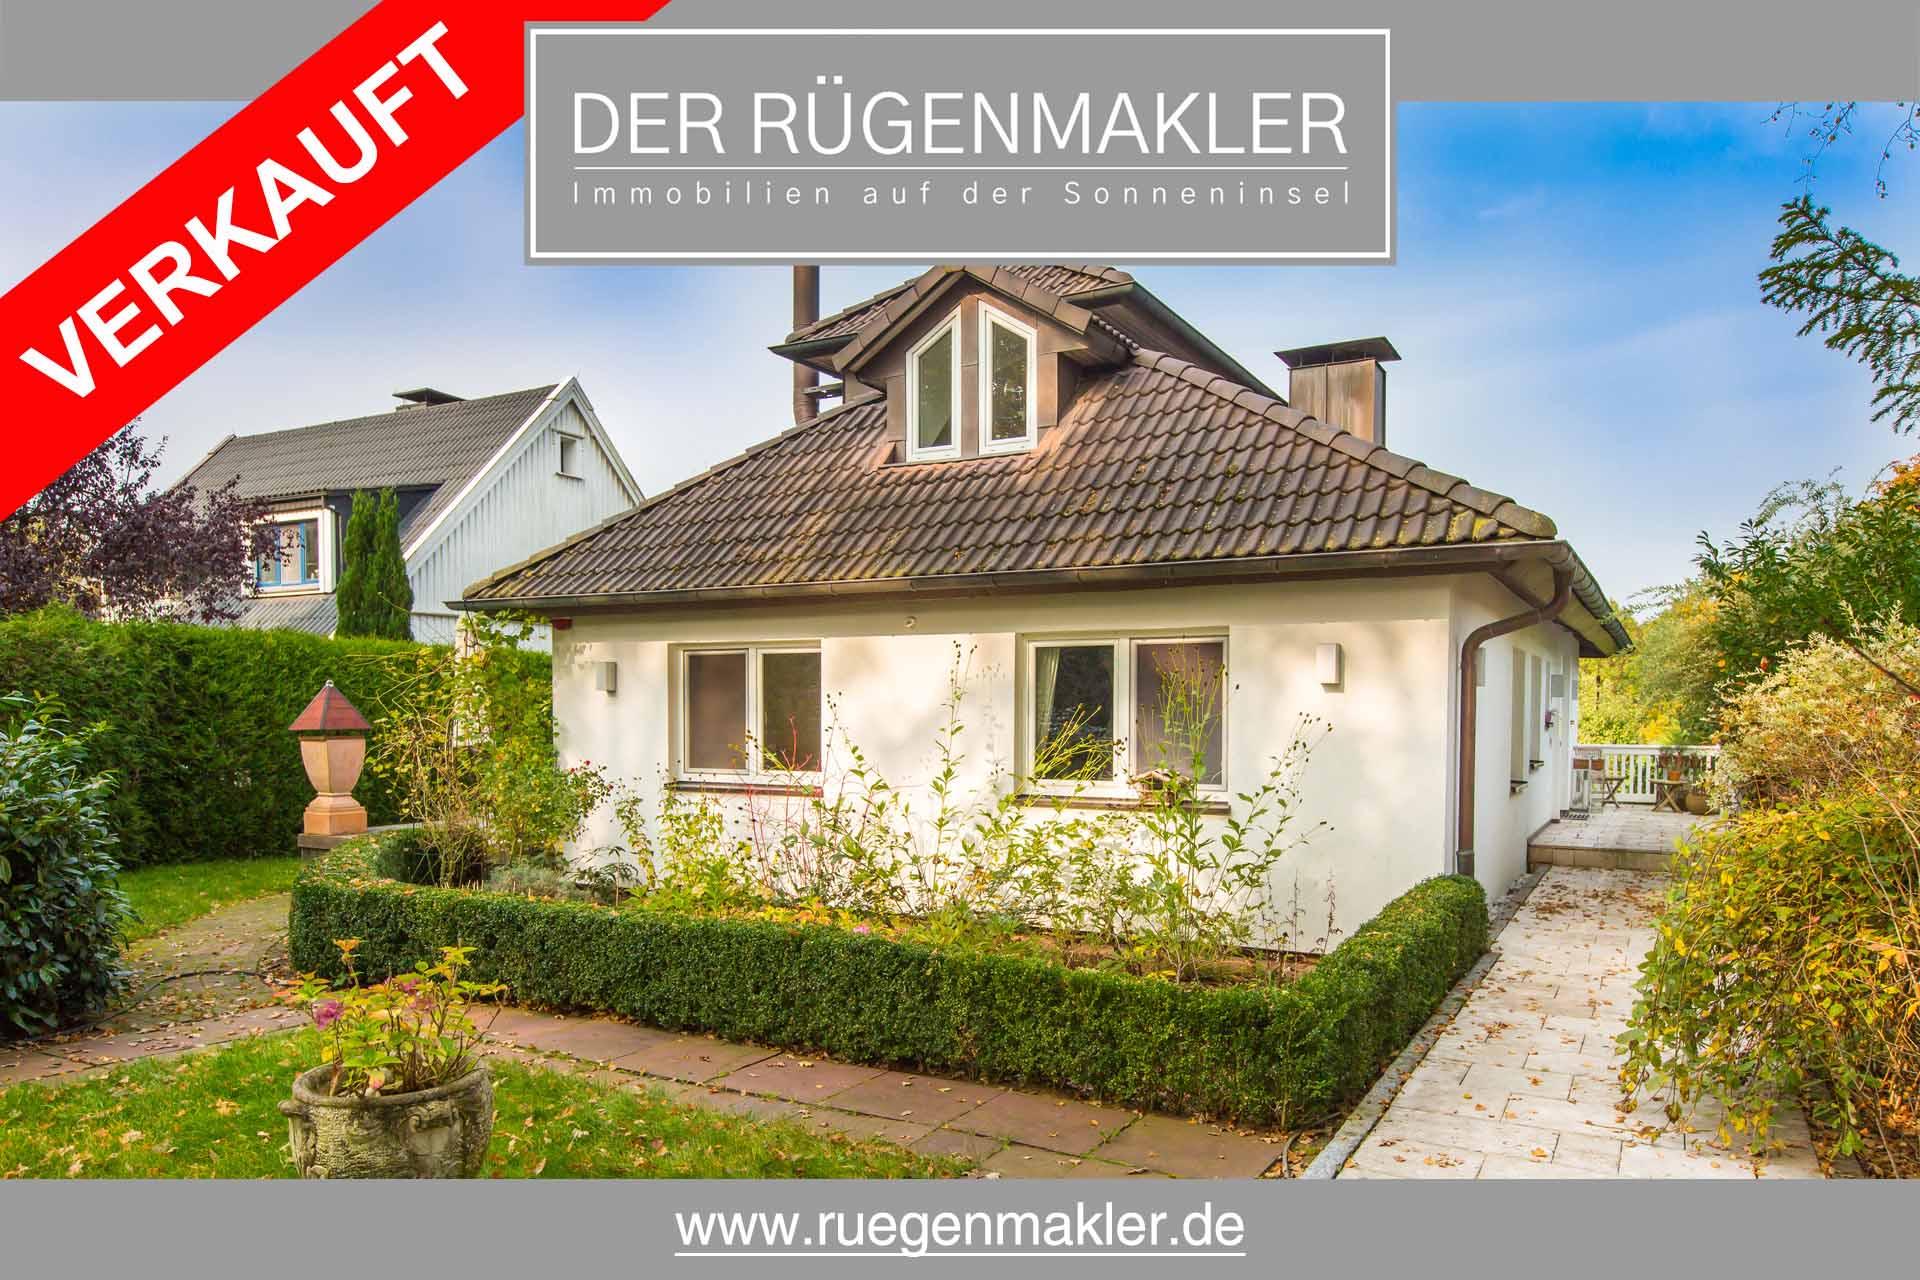 ruegenmakler-sagard-einfamilienhaus